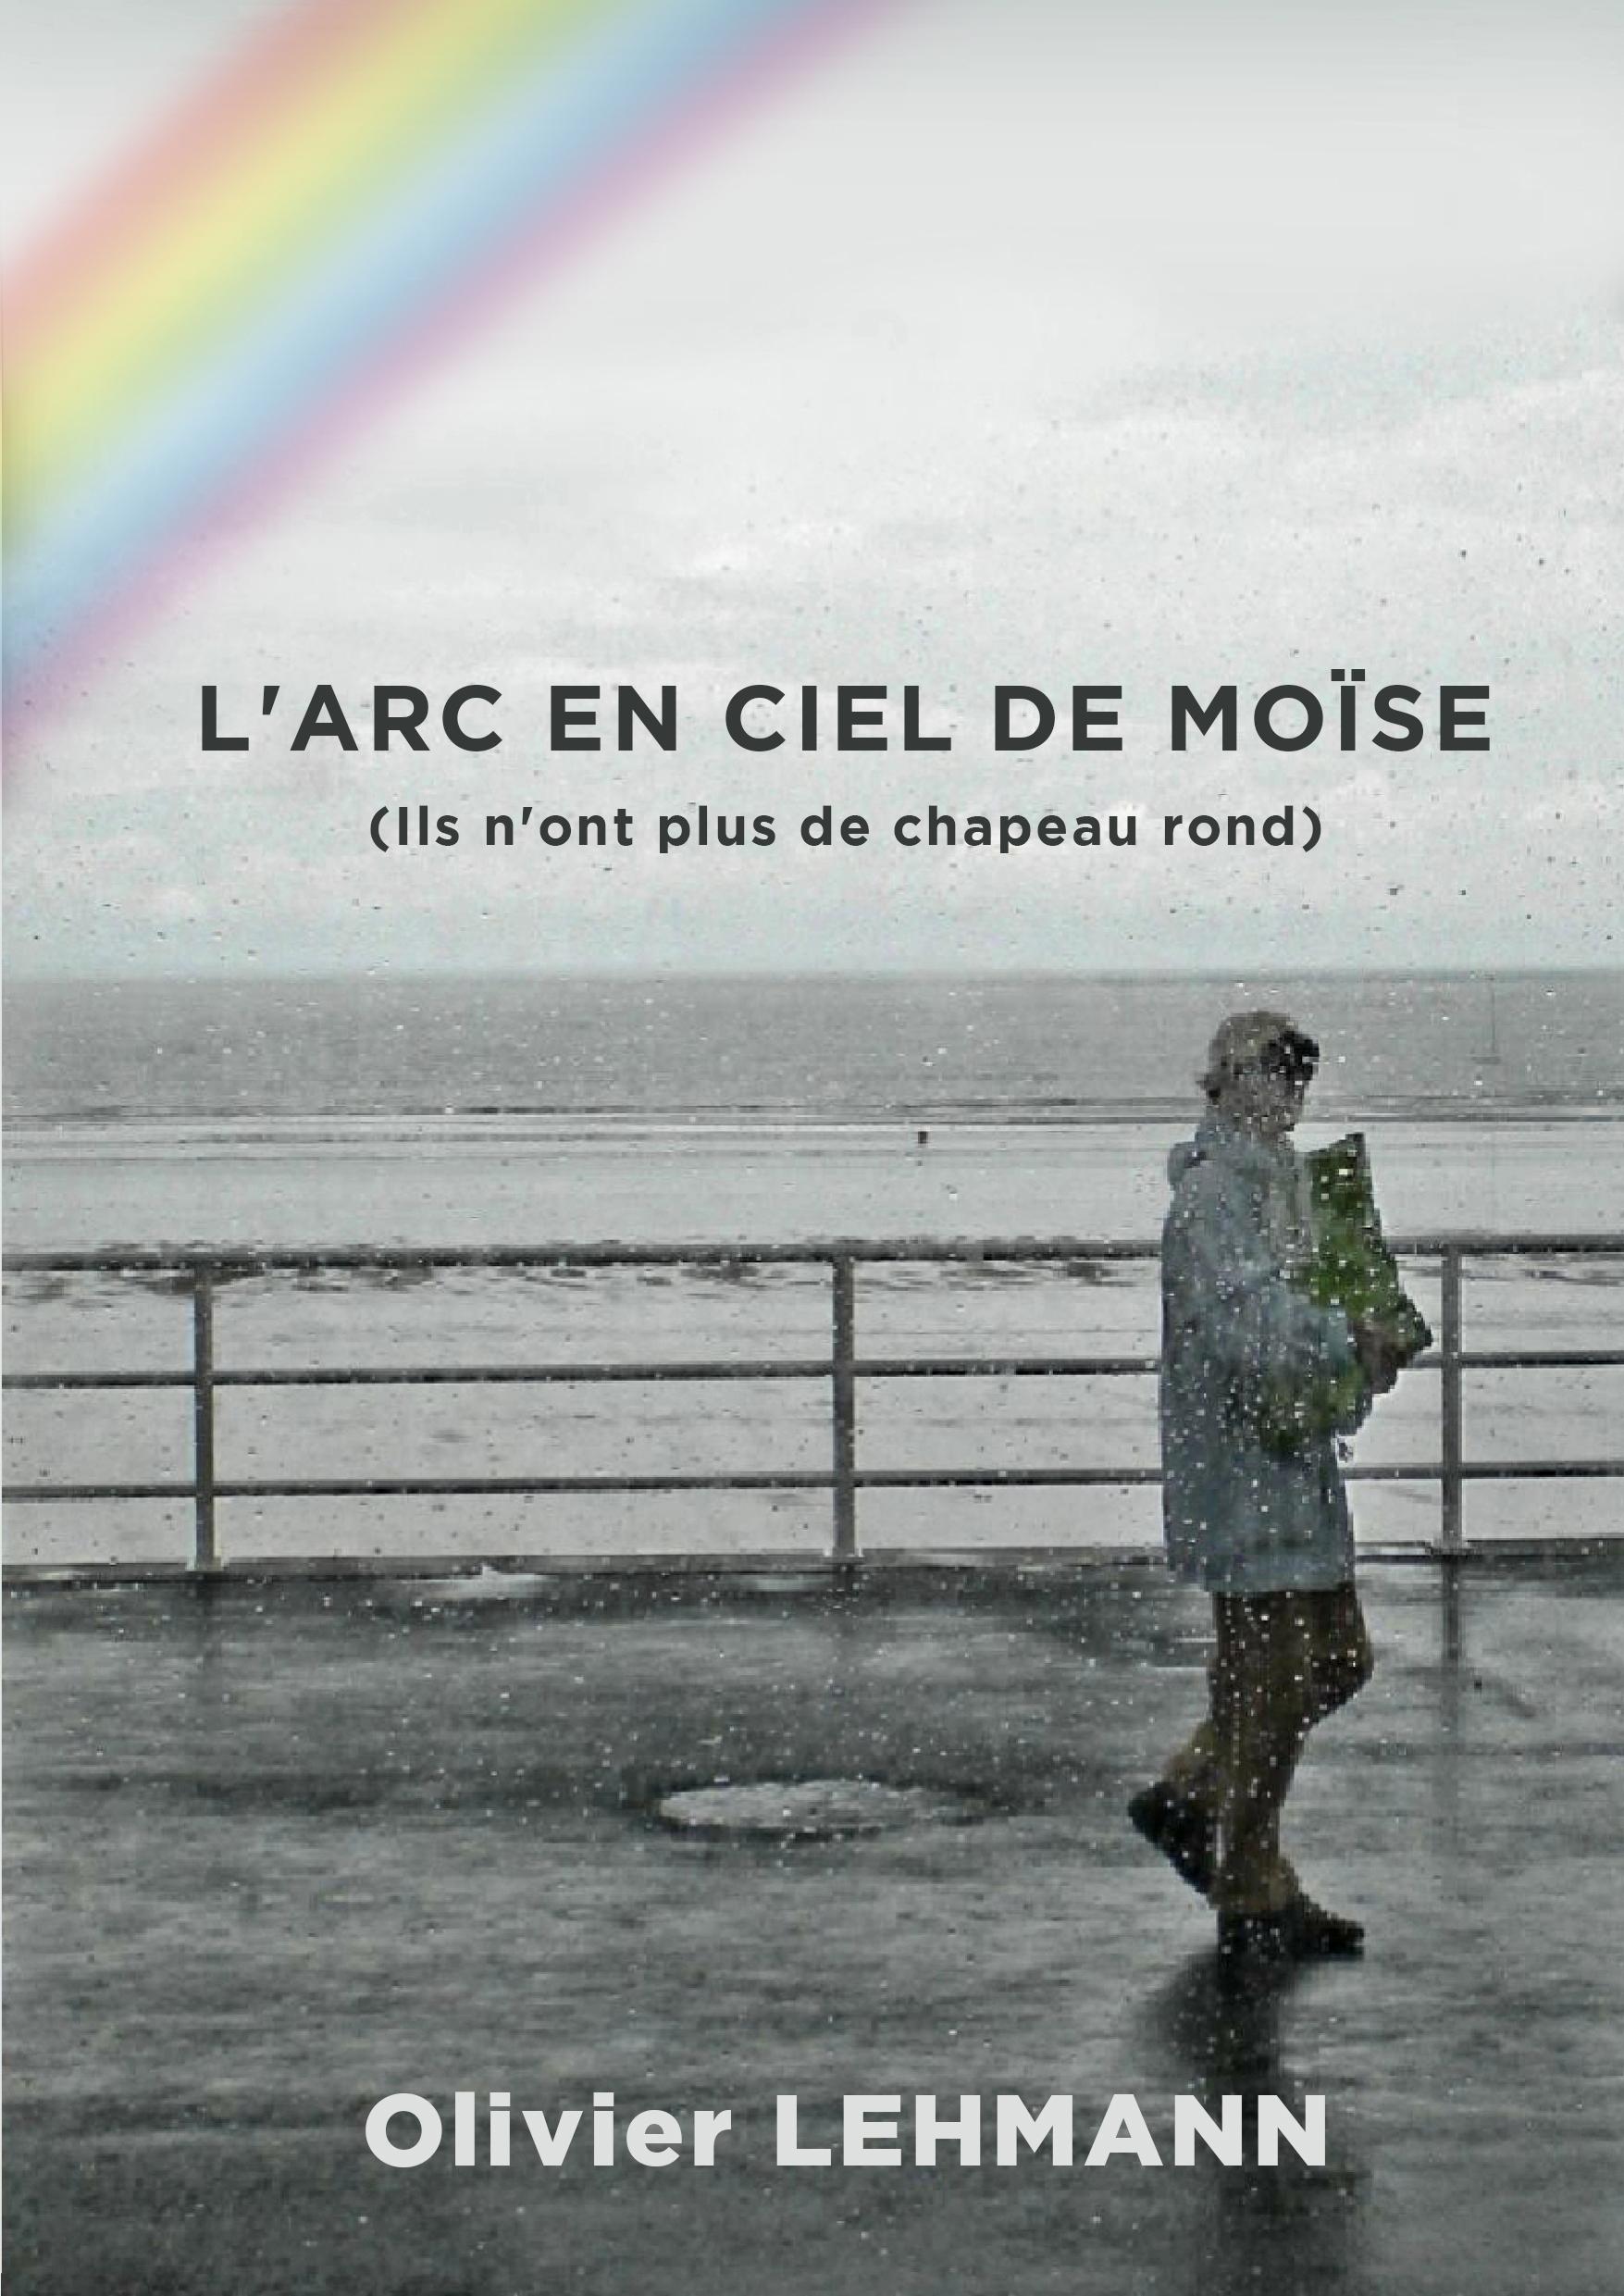 L'ARC EN CIEL DE MOÎSE